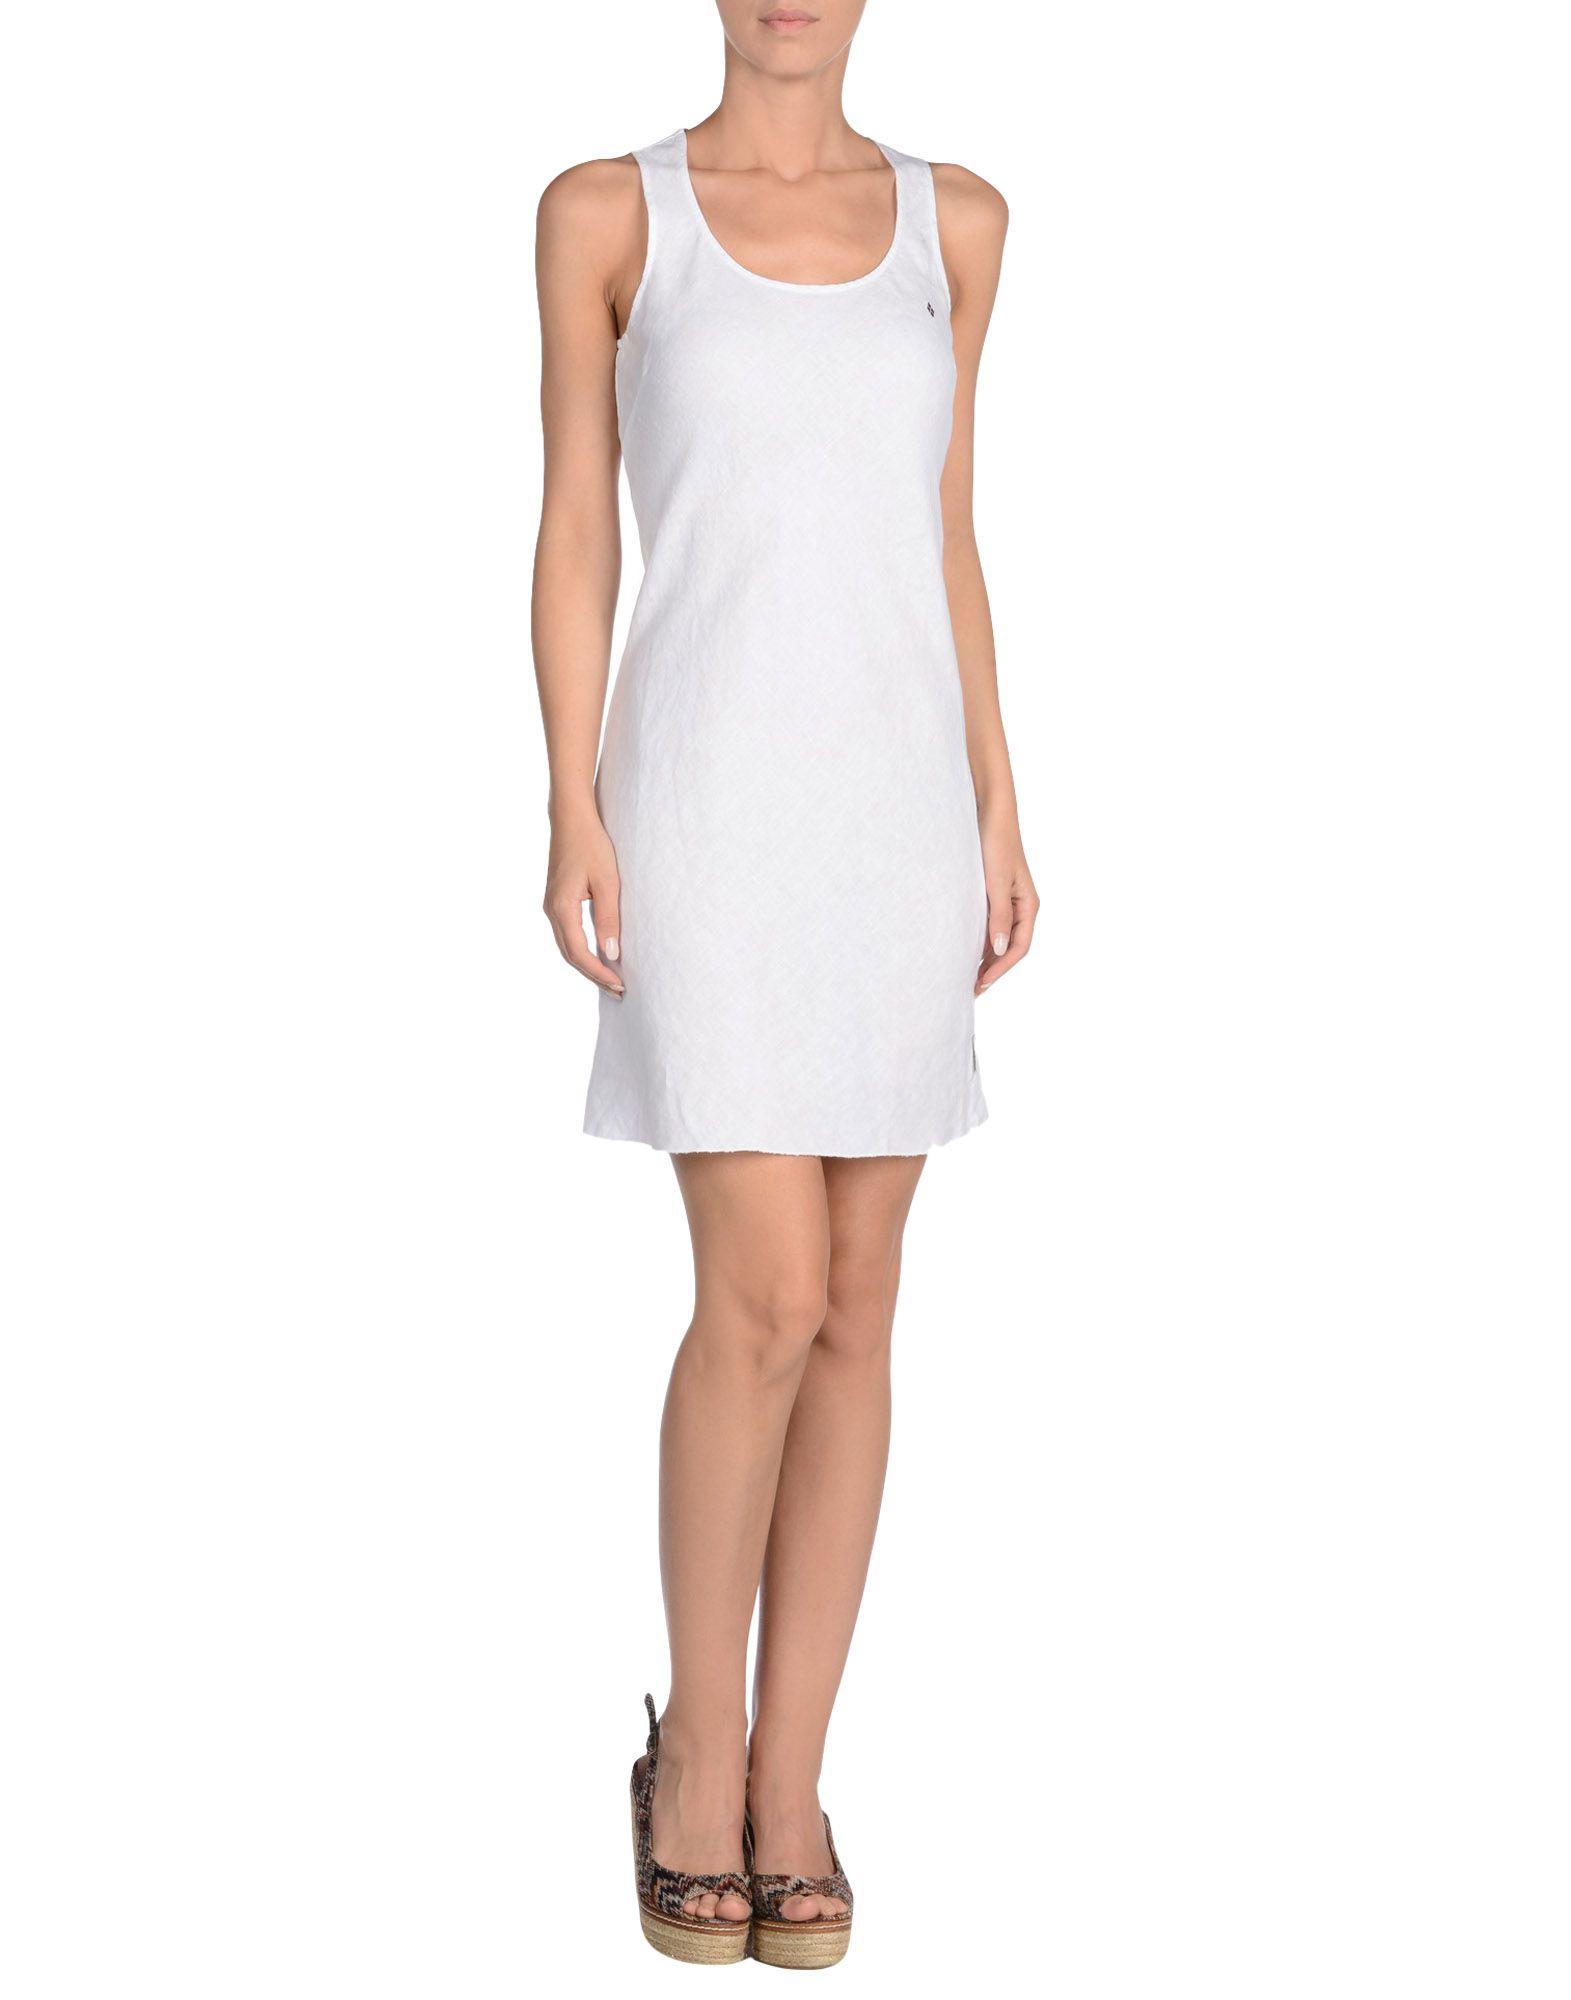 BALLANTYNE BEACHWEAR Пляжное платье ballantyne платье до колена